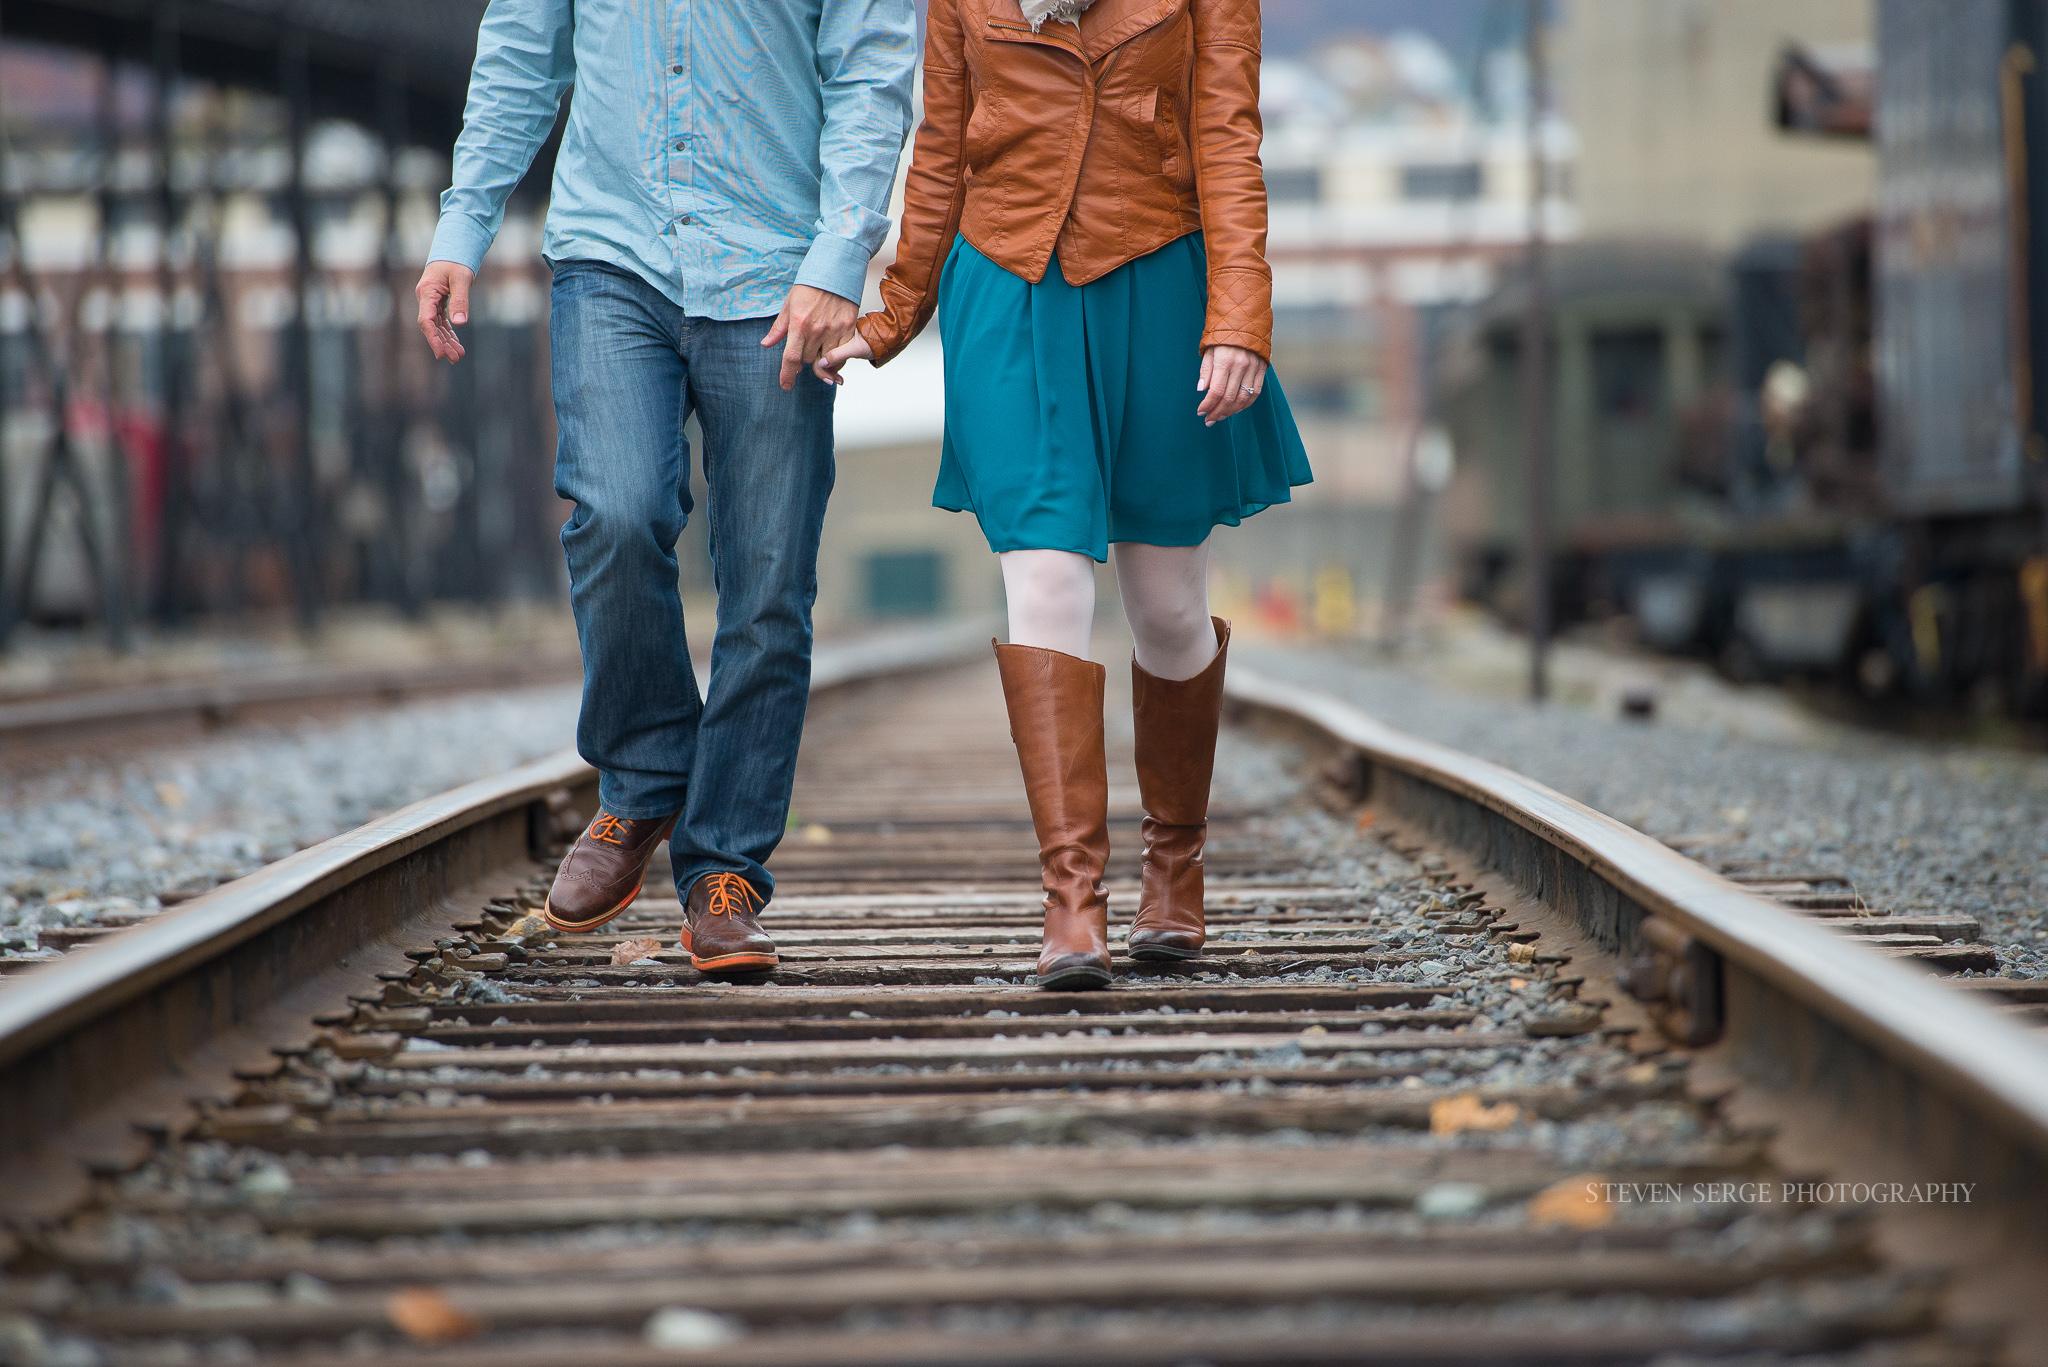 Aleine-Scranton-Engagement-Wedding-Nepa-Photographer-Steamtown-Photography-8.jpg